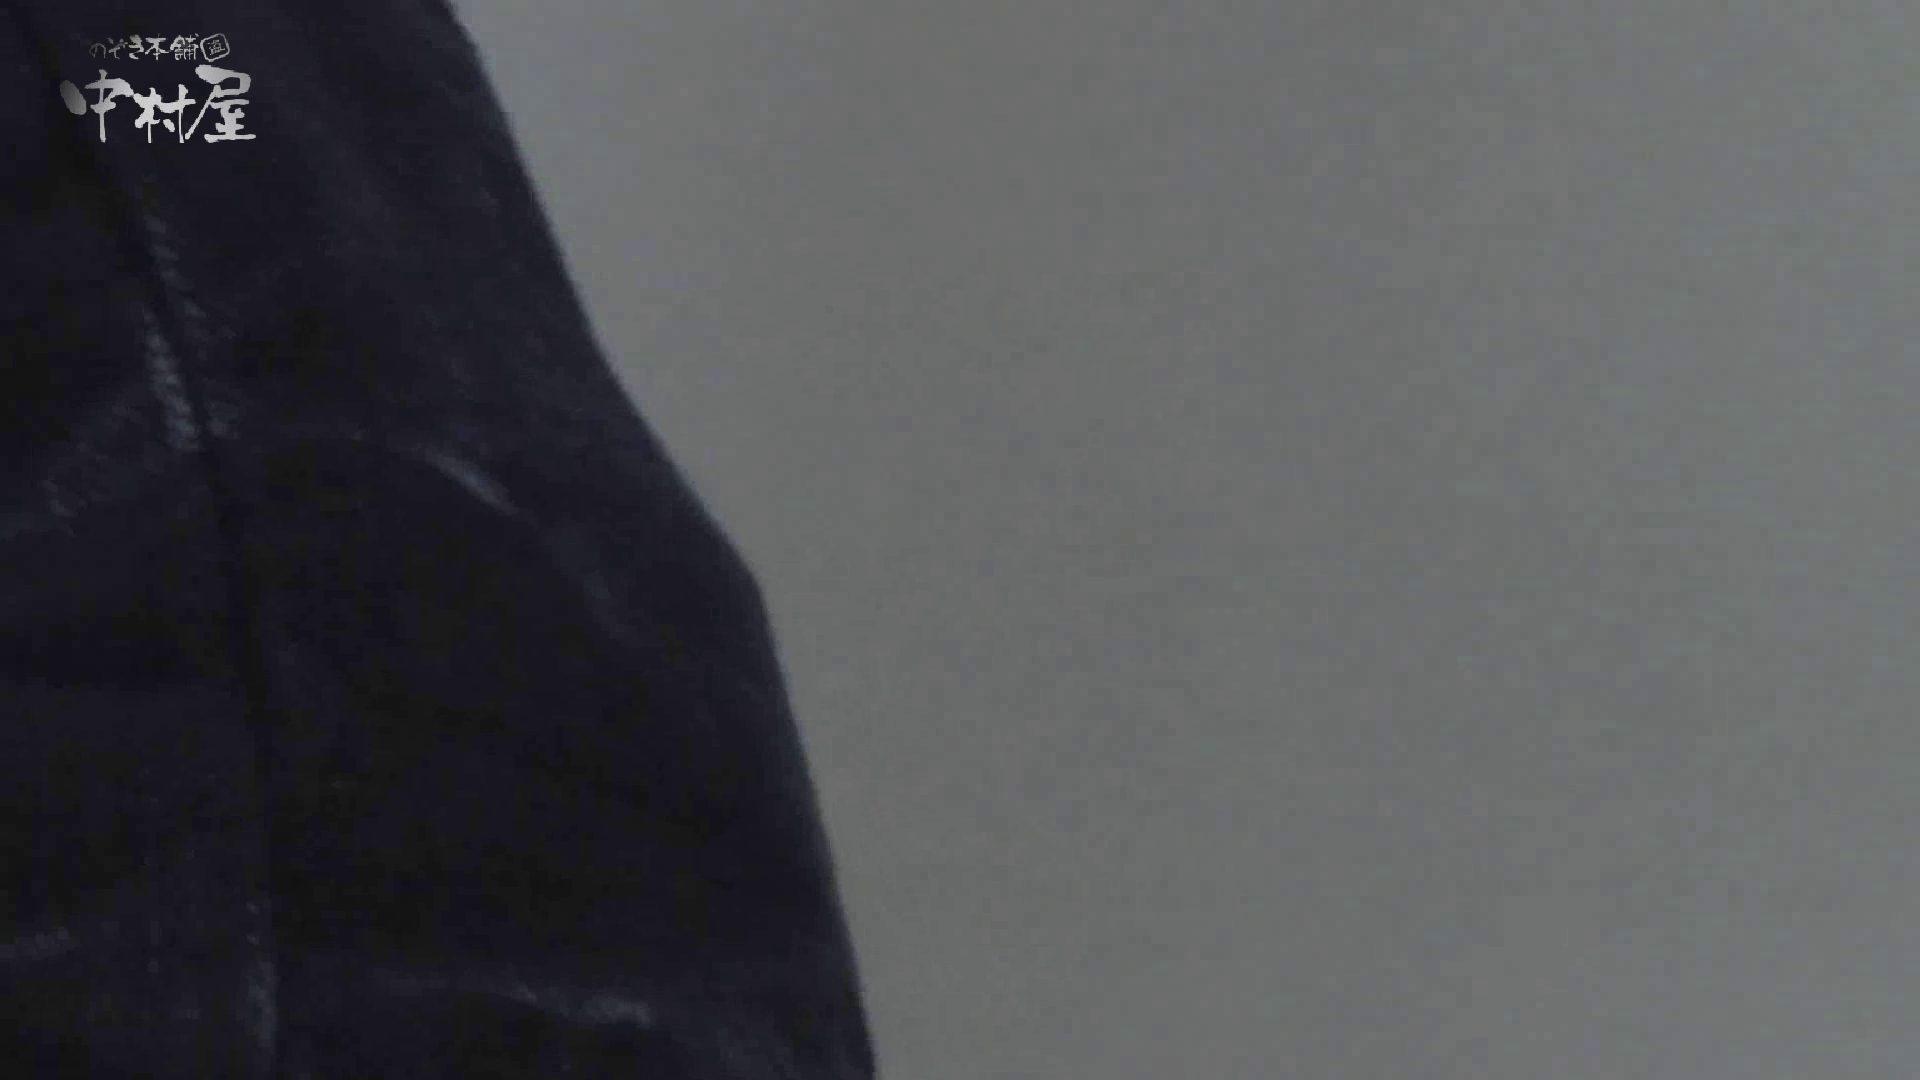 洗面所突入レポート!!vol.25 マンコ・ムレムレ AV無料動画キャプチャ 83pic 24